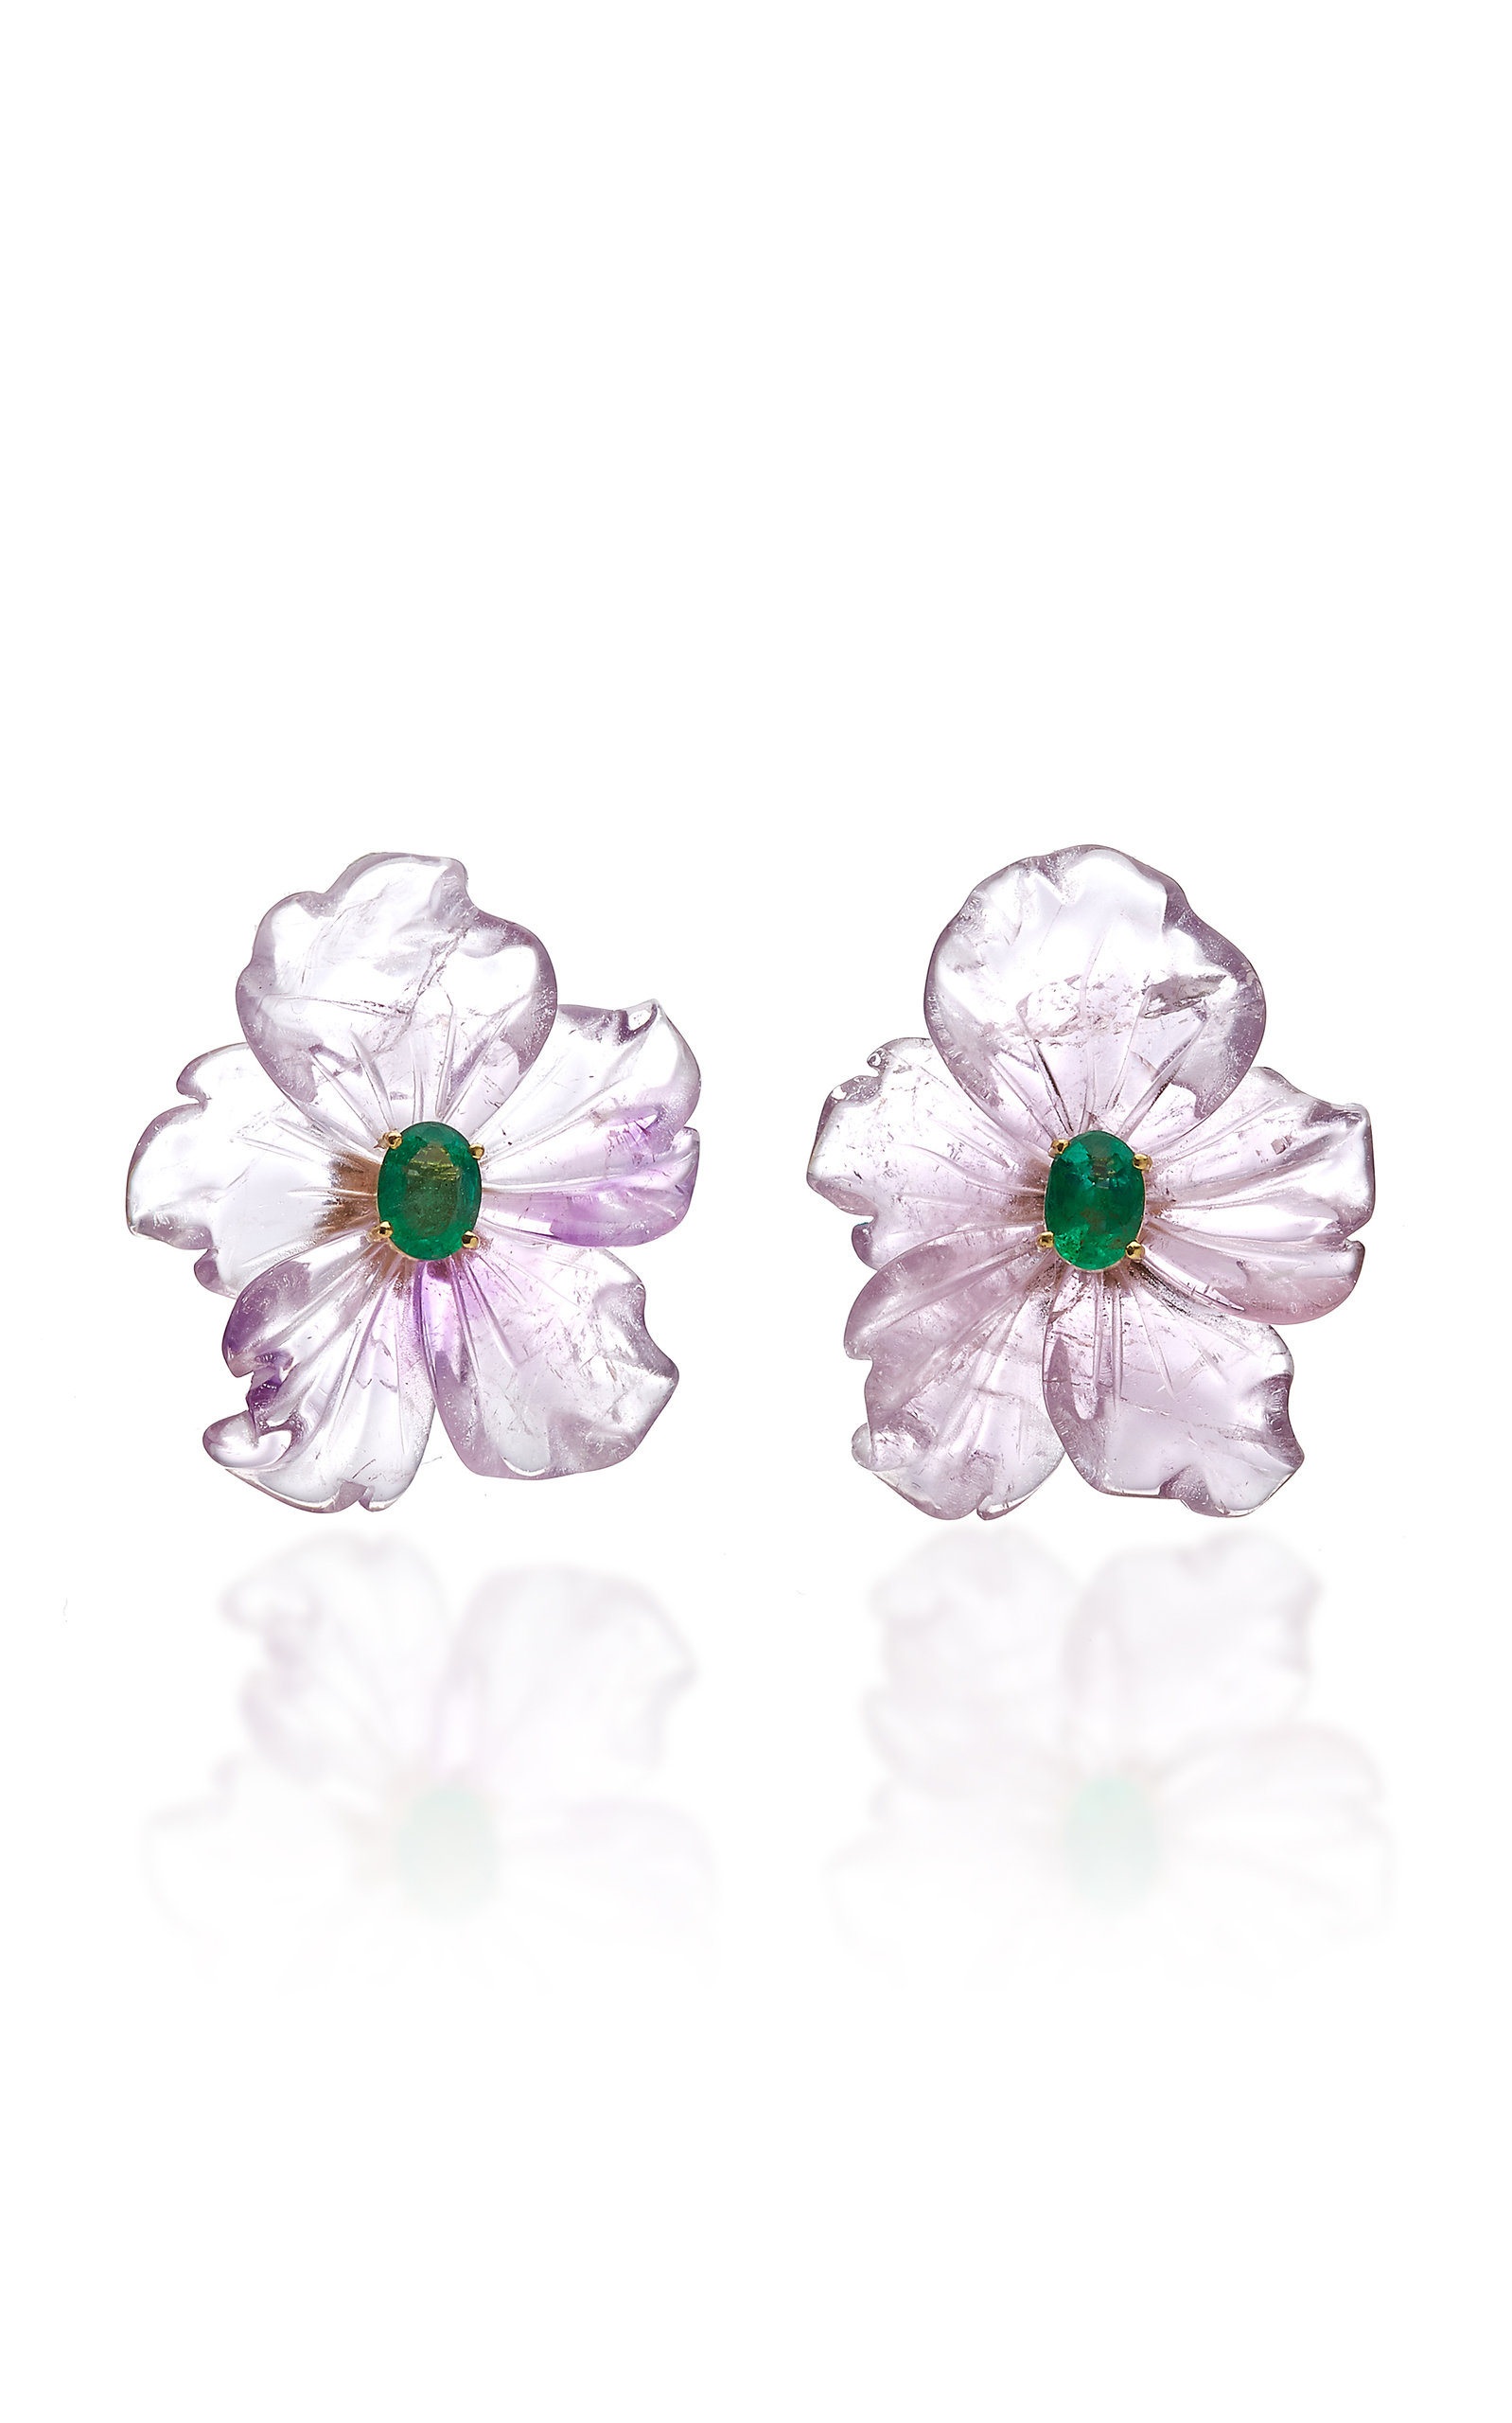 Women's 18K Gold; Amethyst and Emerald Flower Earrings